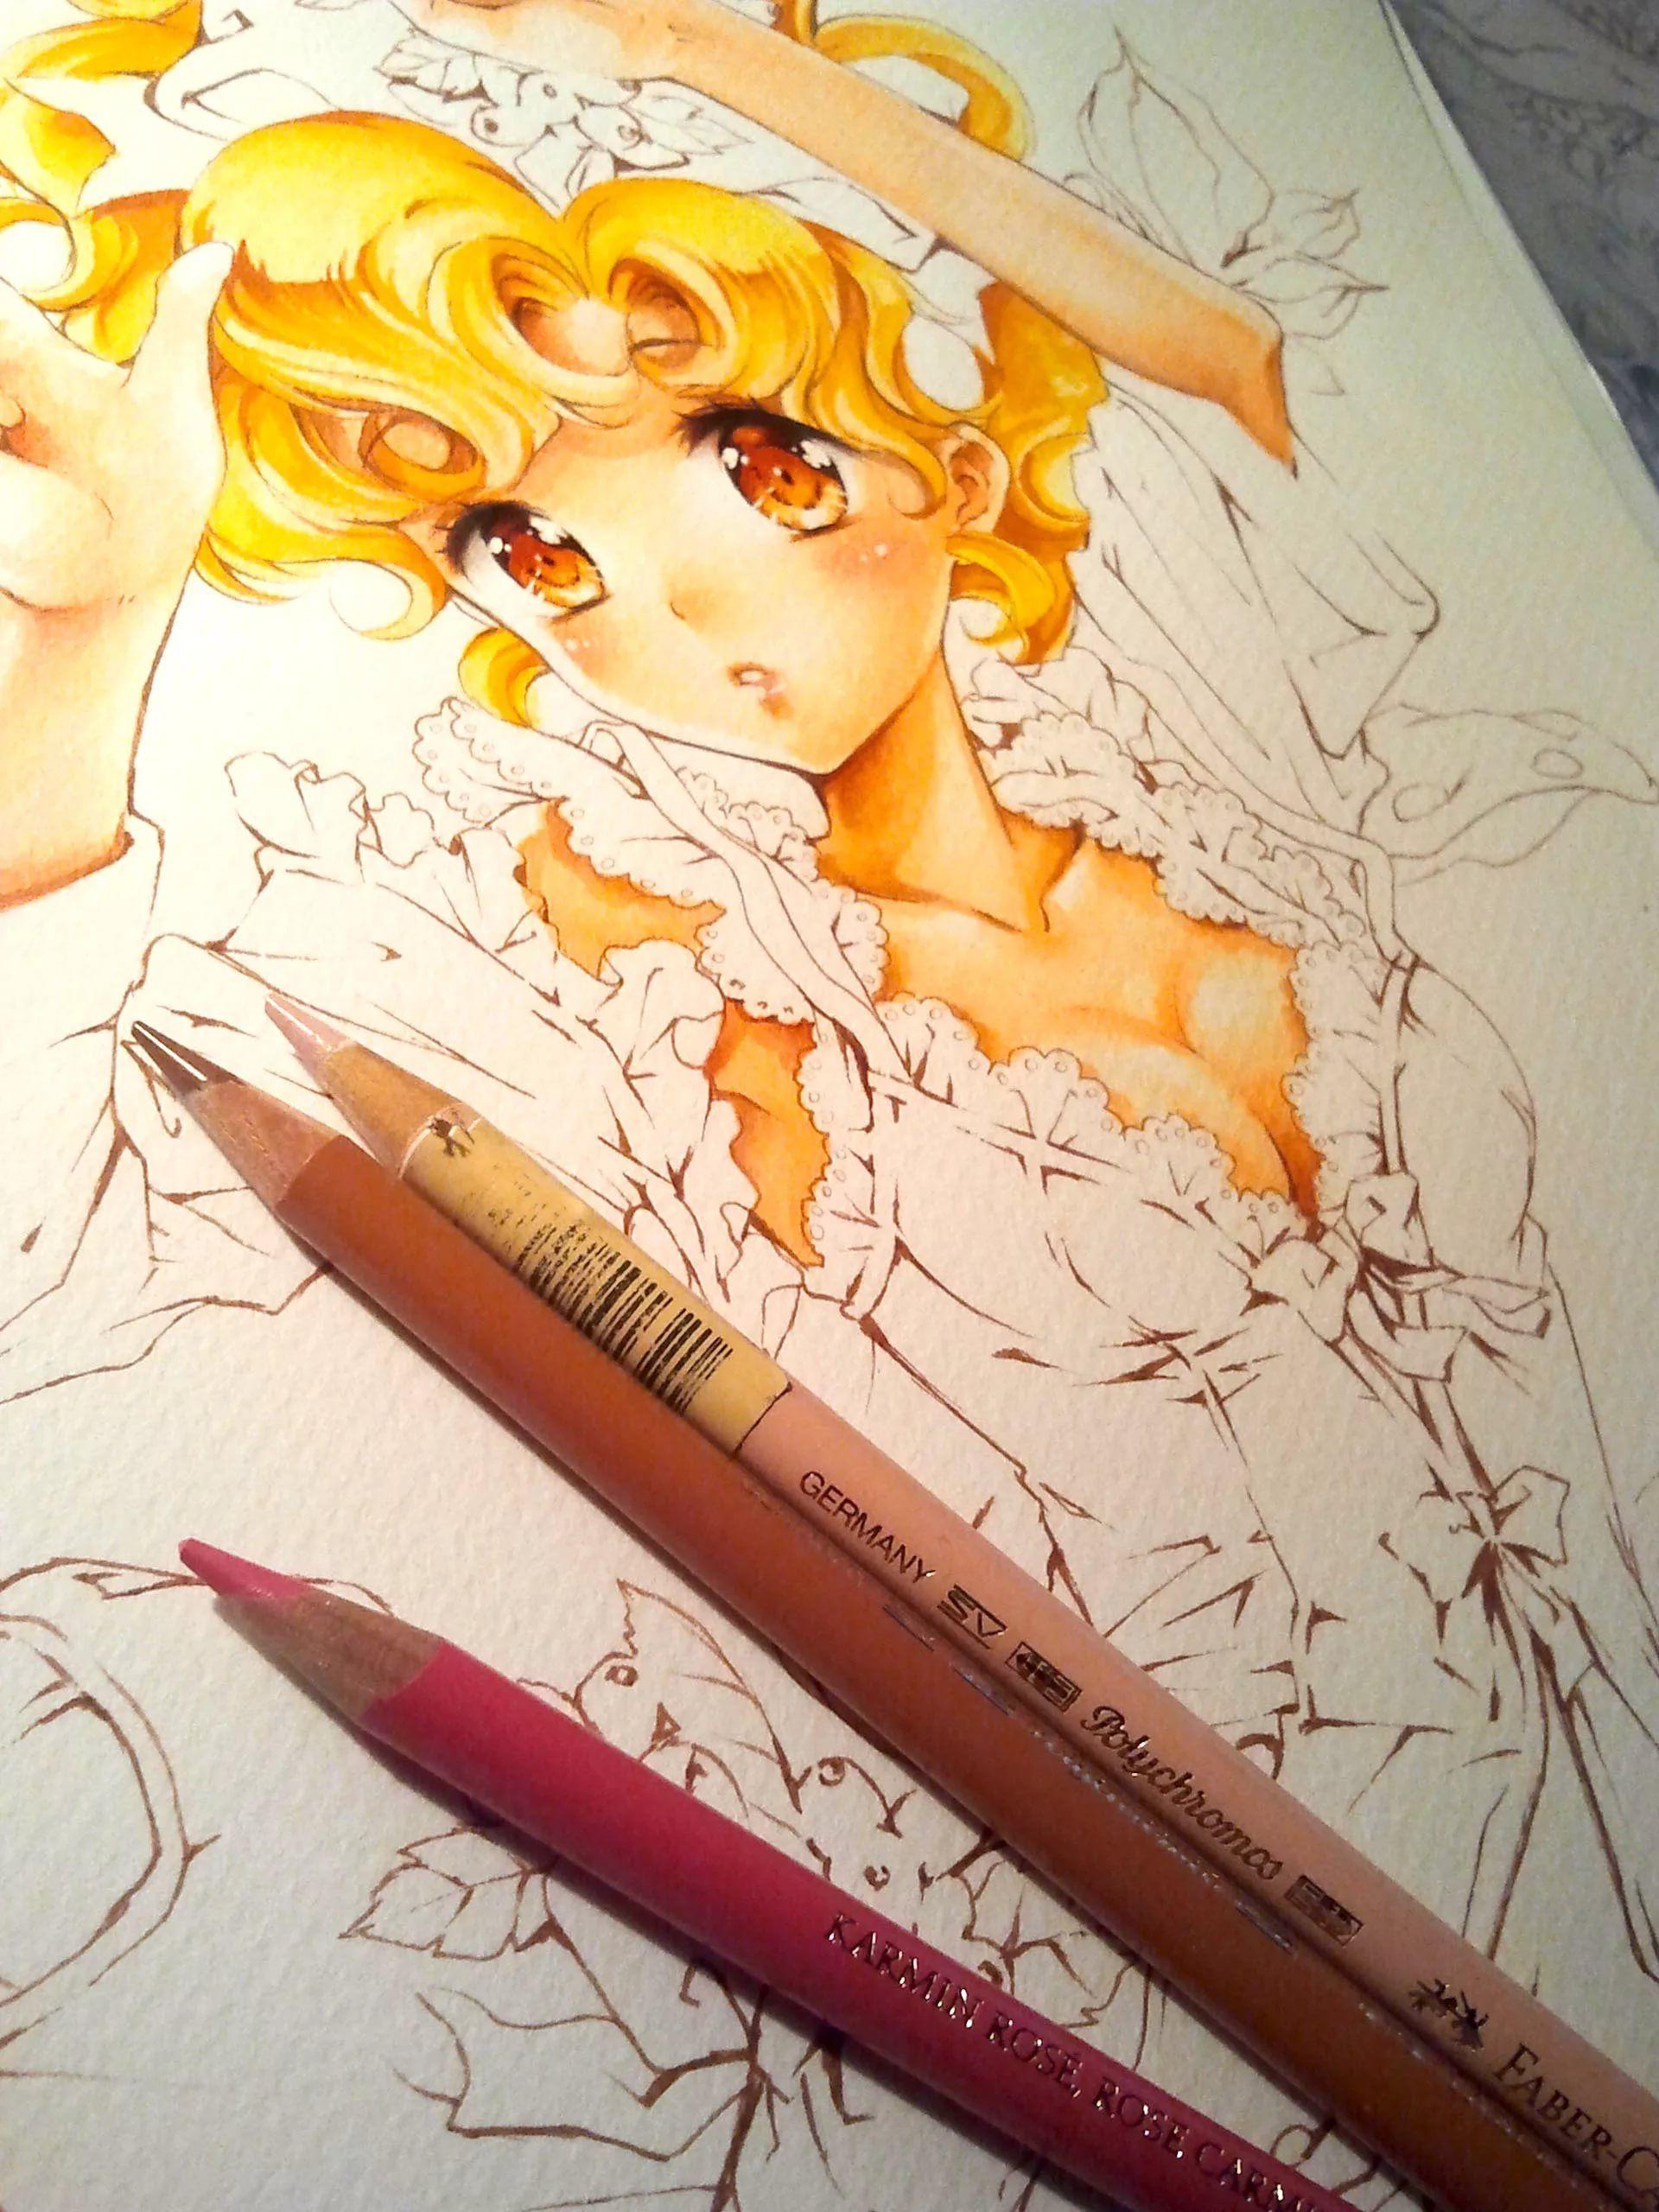 как рисовать аниме рисунки фломастерами: 6 тыс изображений ...